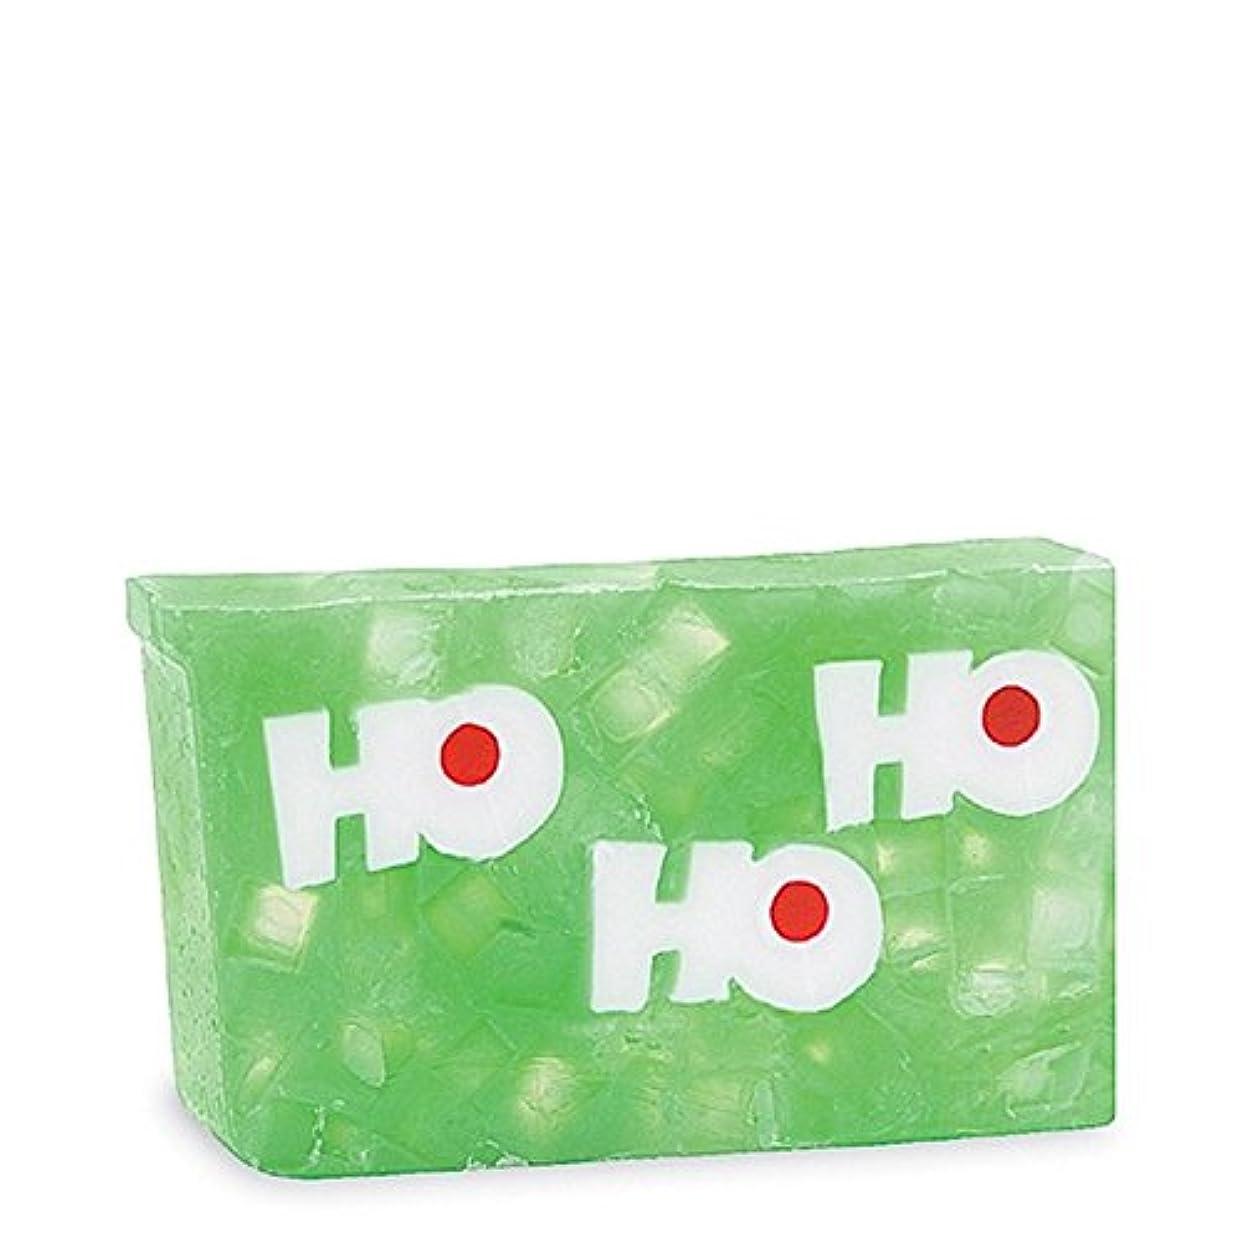 以内に最初はジャグリング原初の要素ホーホーホ石鹸 x4 - Primal Elements Ho Ho Ho Soap (Pack of 4) [並行輸入品]